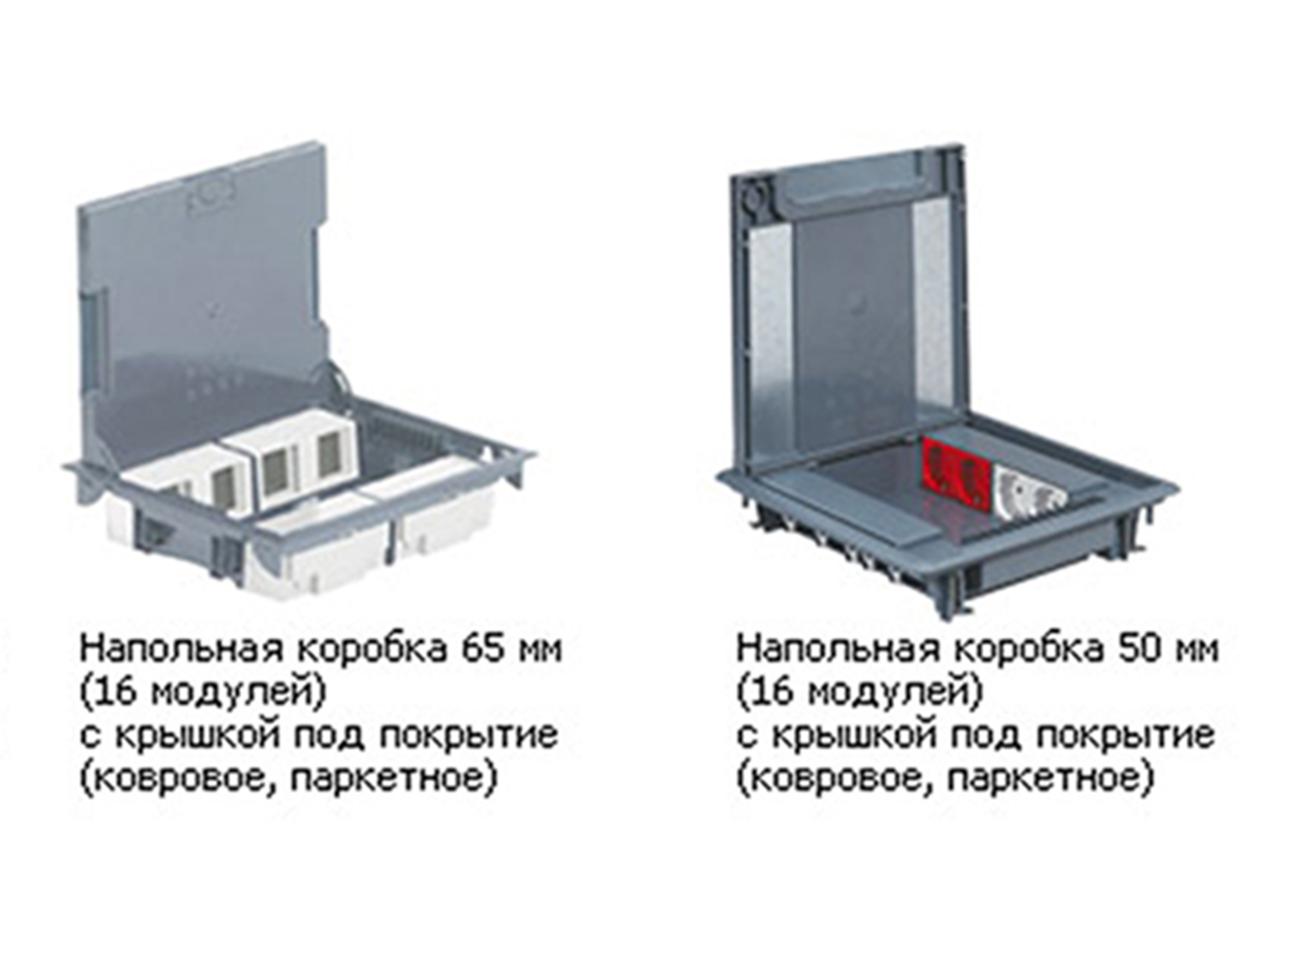 изображение Коробка напольная с крышкой для коврового/паркетного покрытия на 16 модулів с вертикальним розміщенням обладнання, глибиною 50-70мм, цвет Серый